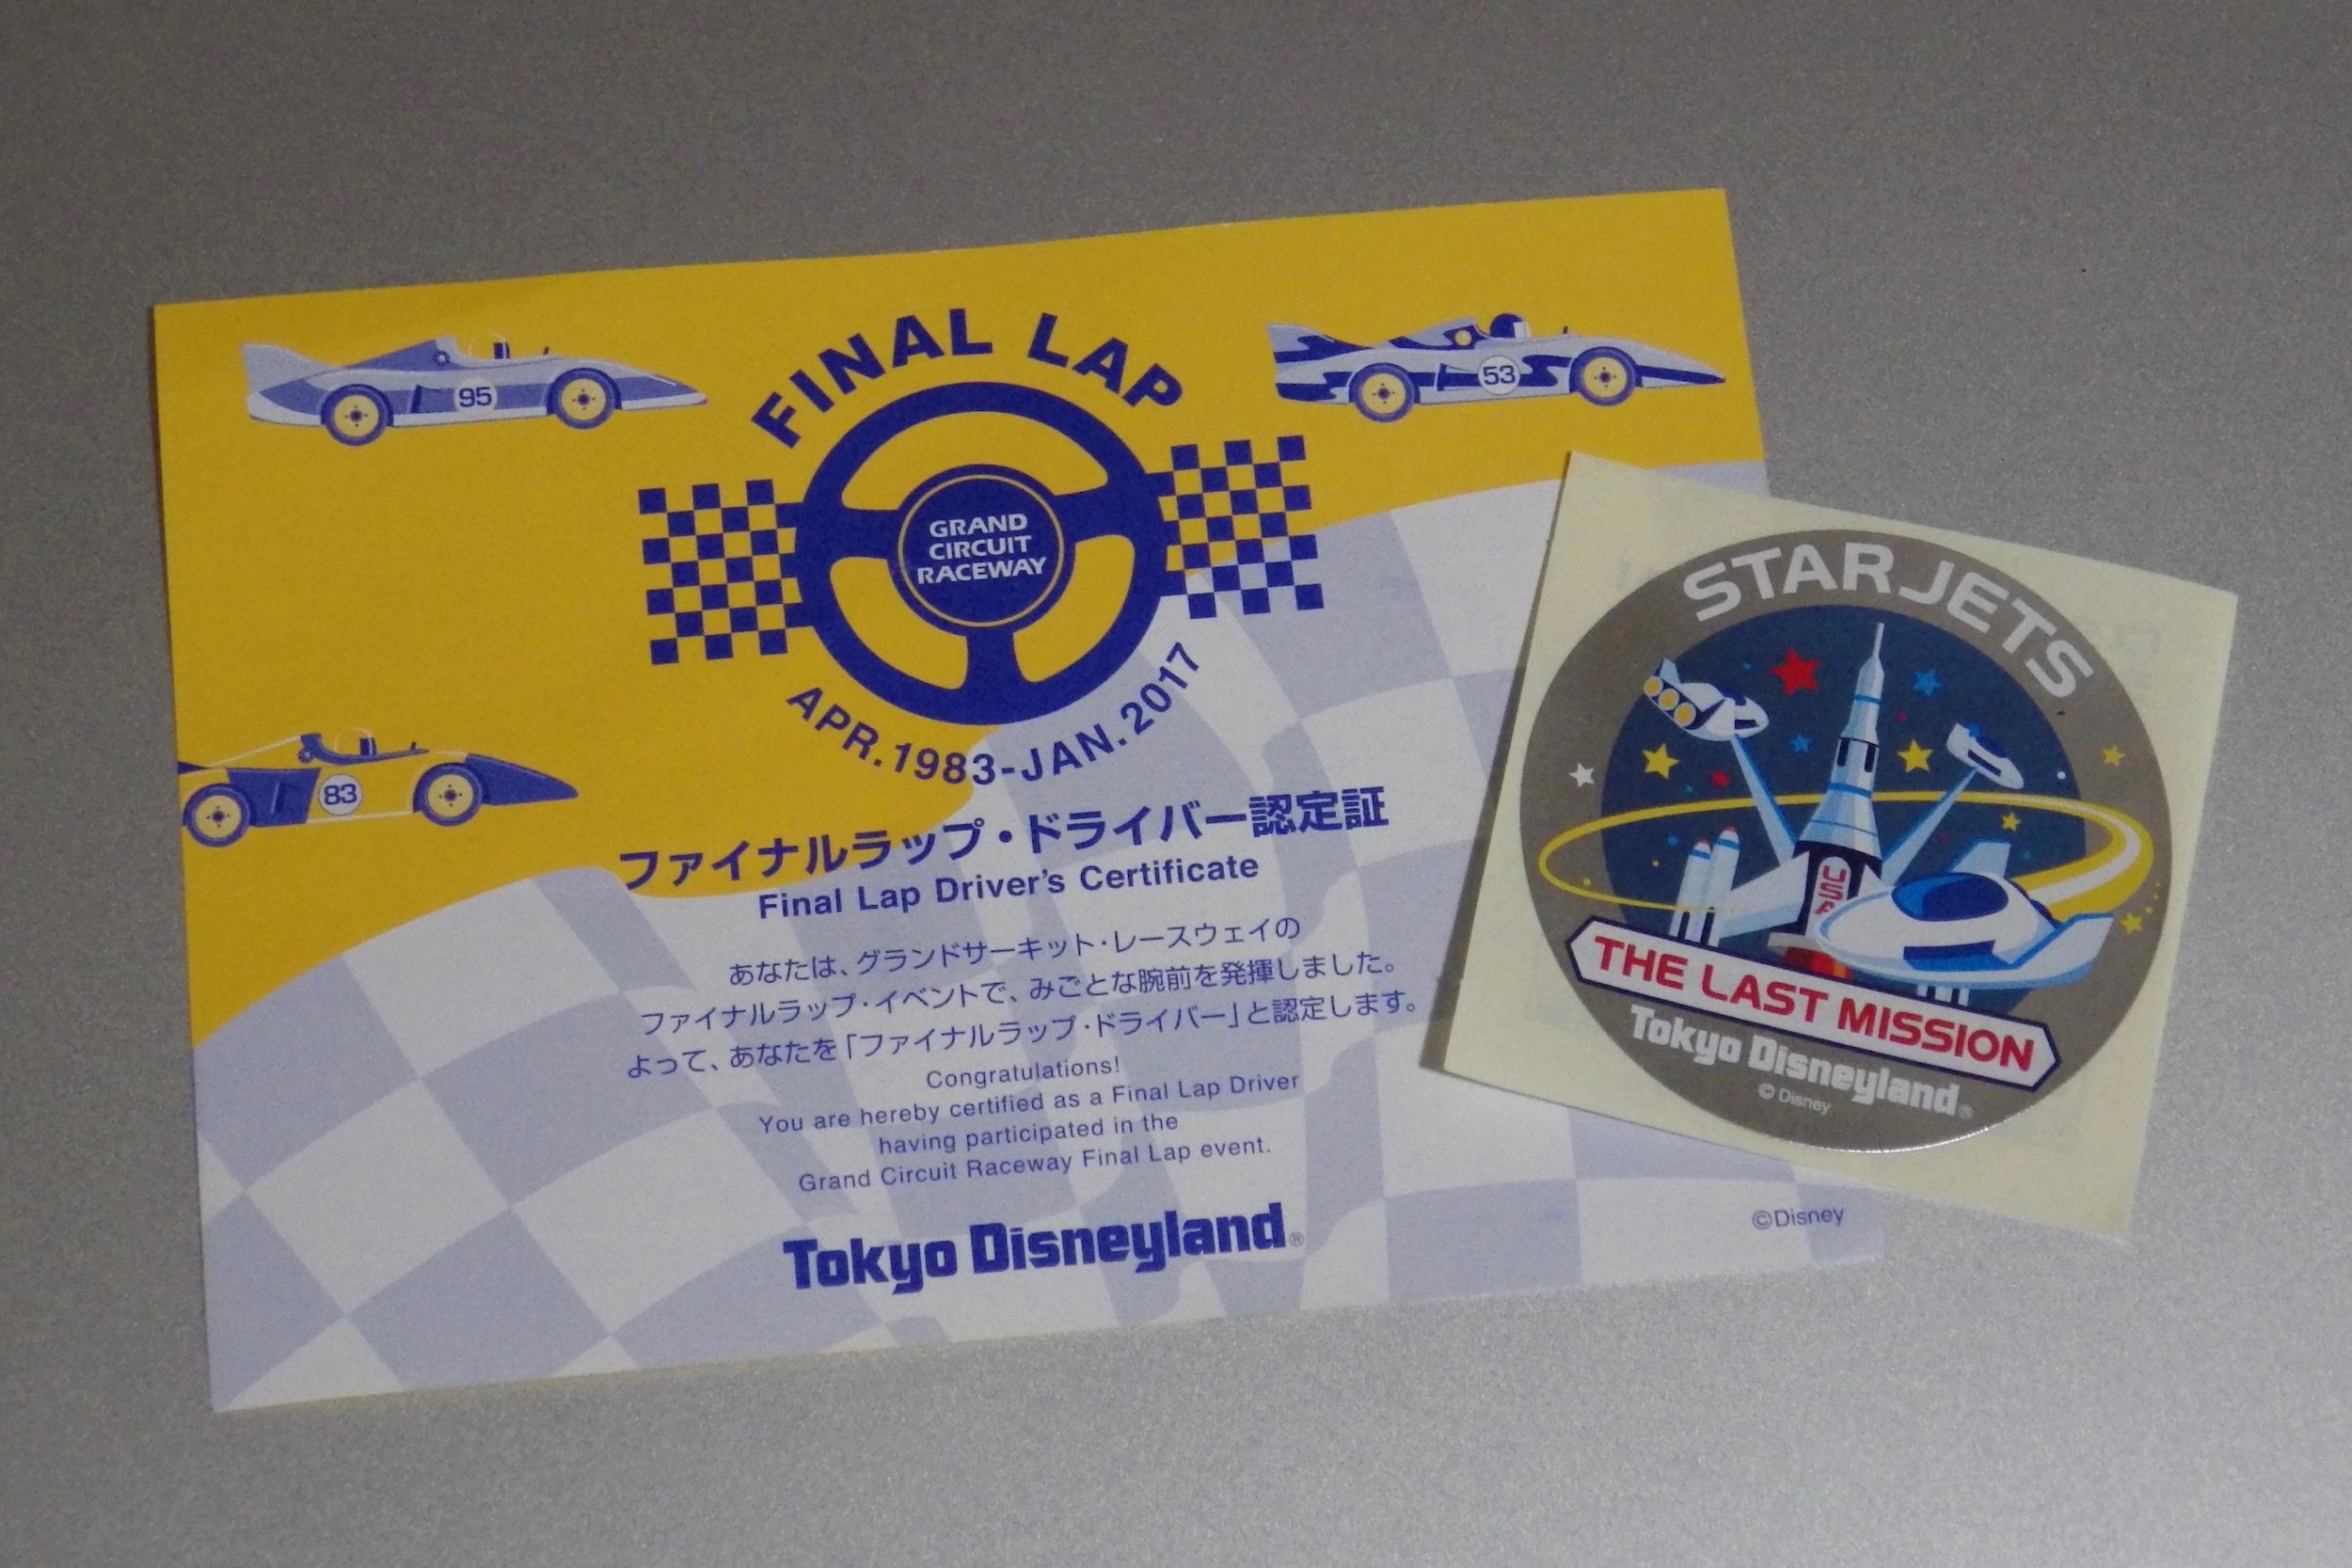 Old_TDL_Tomorrowland_015_10x15.jpg